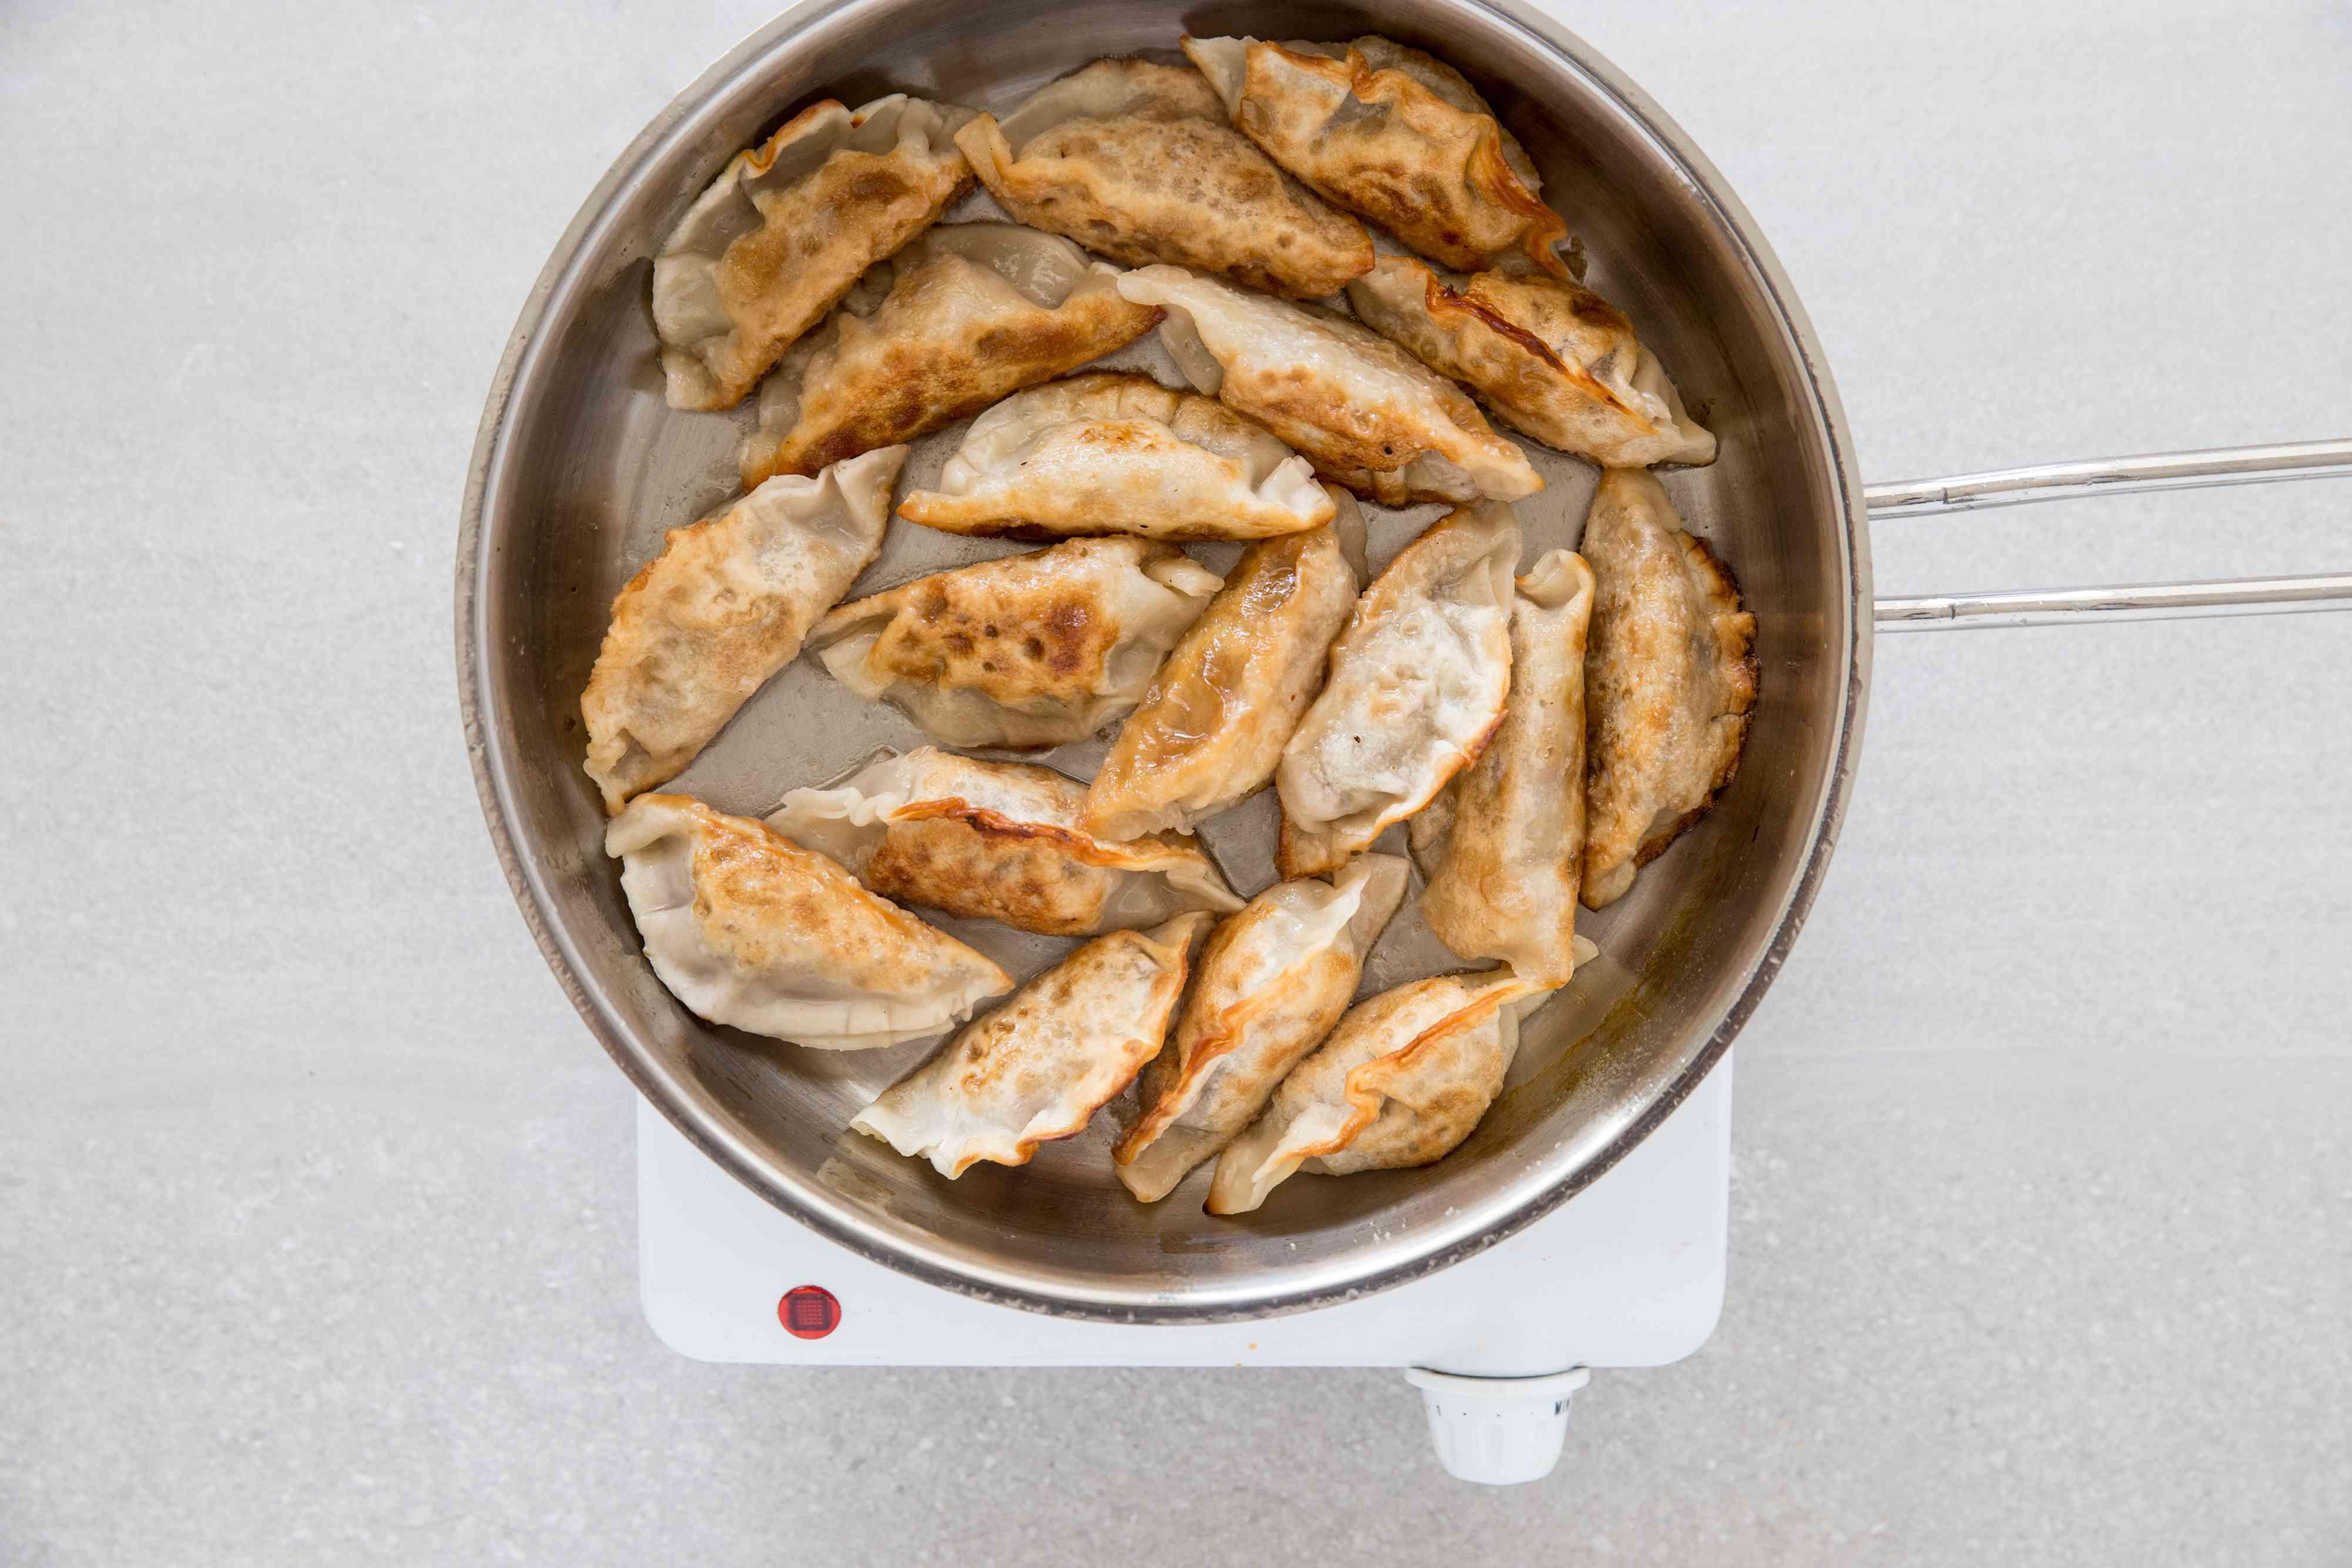 fried dumplings in a pan